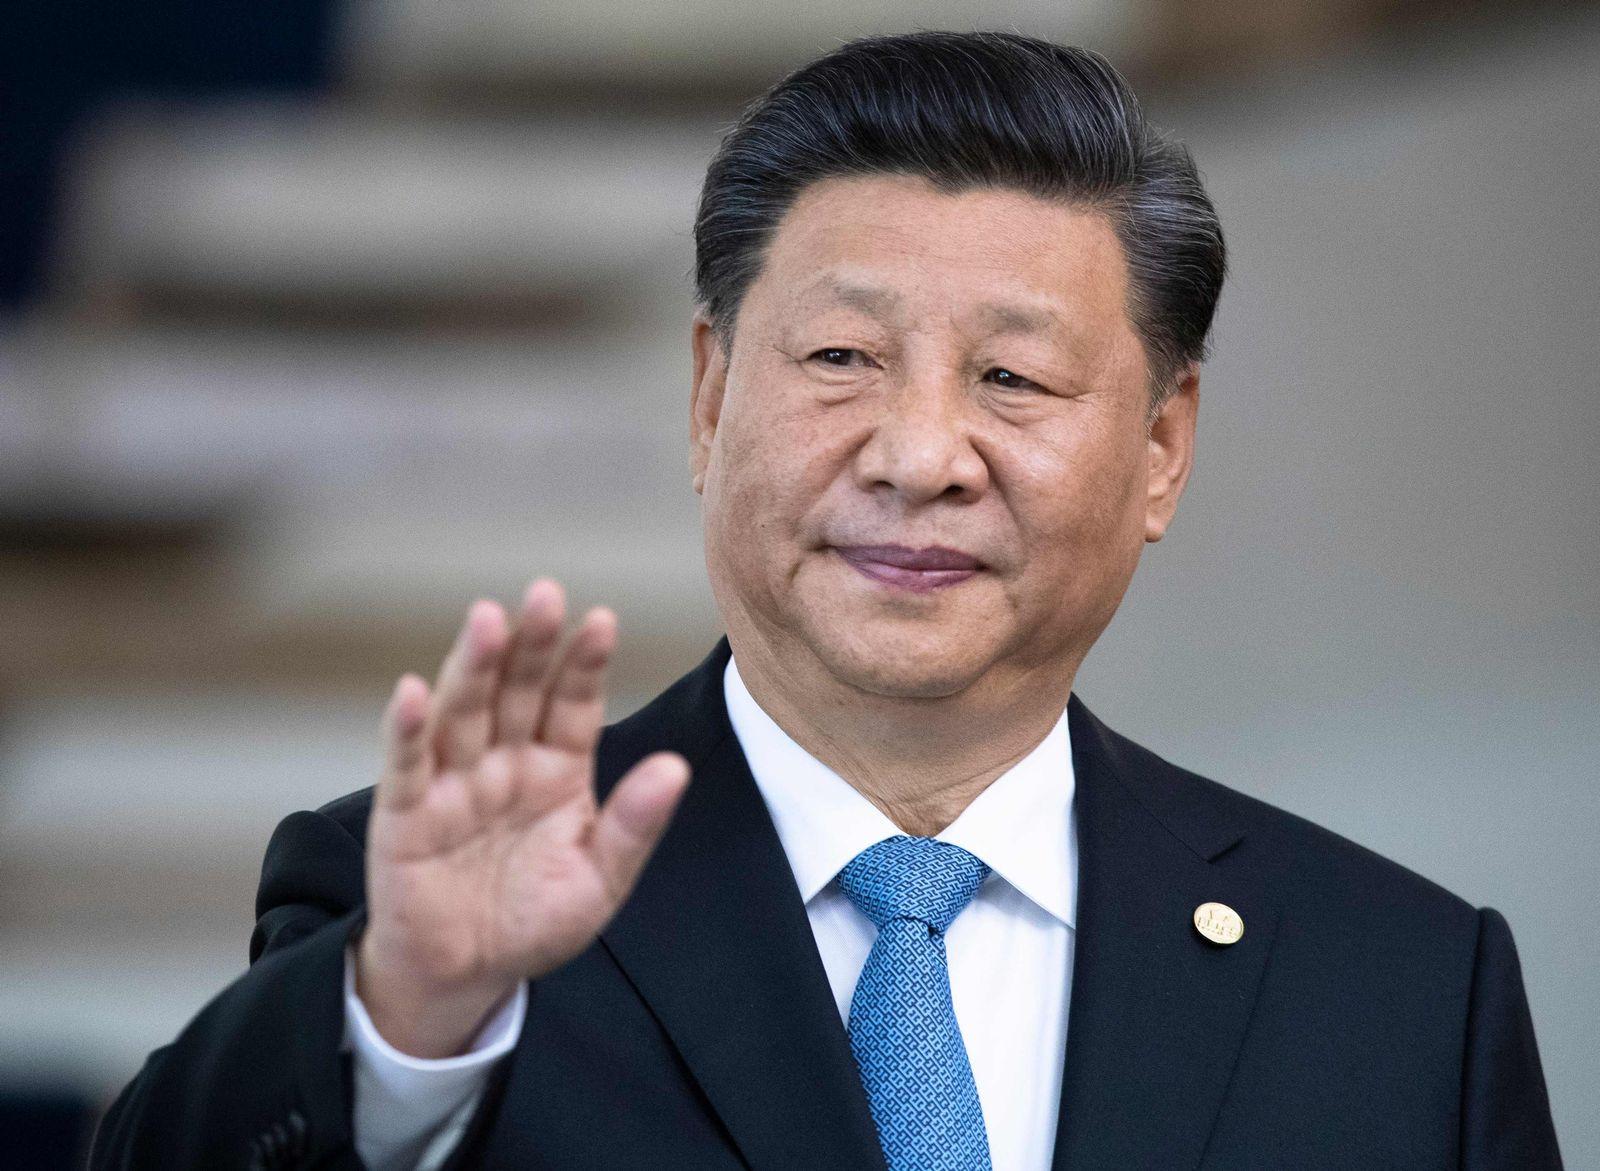 Xi Jinping/ China